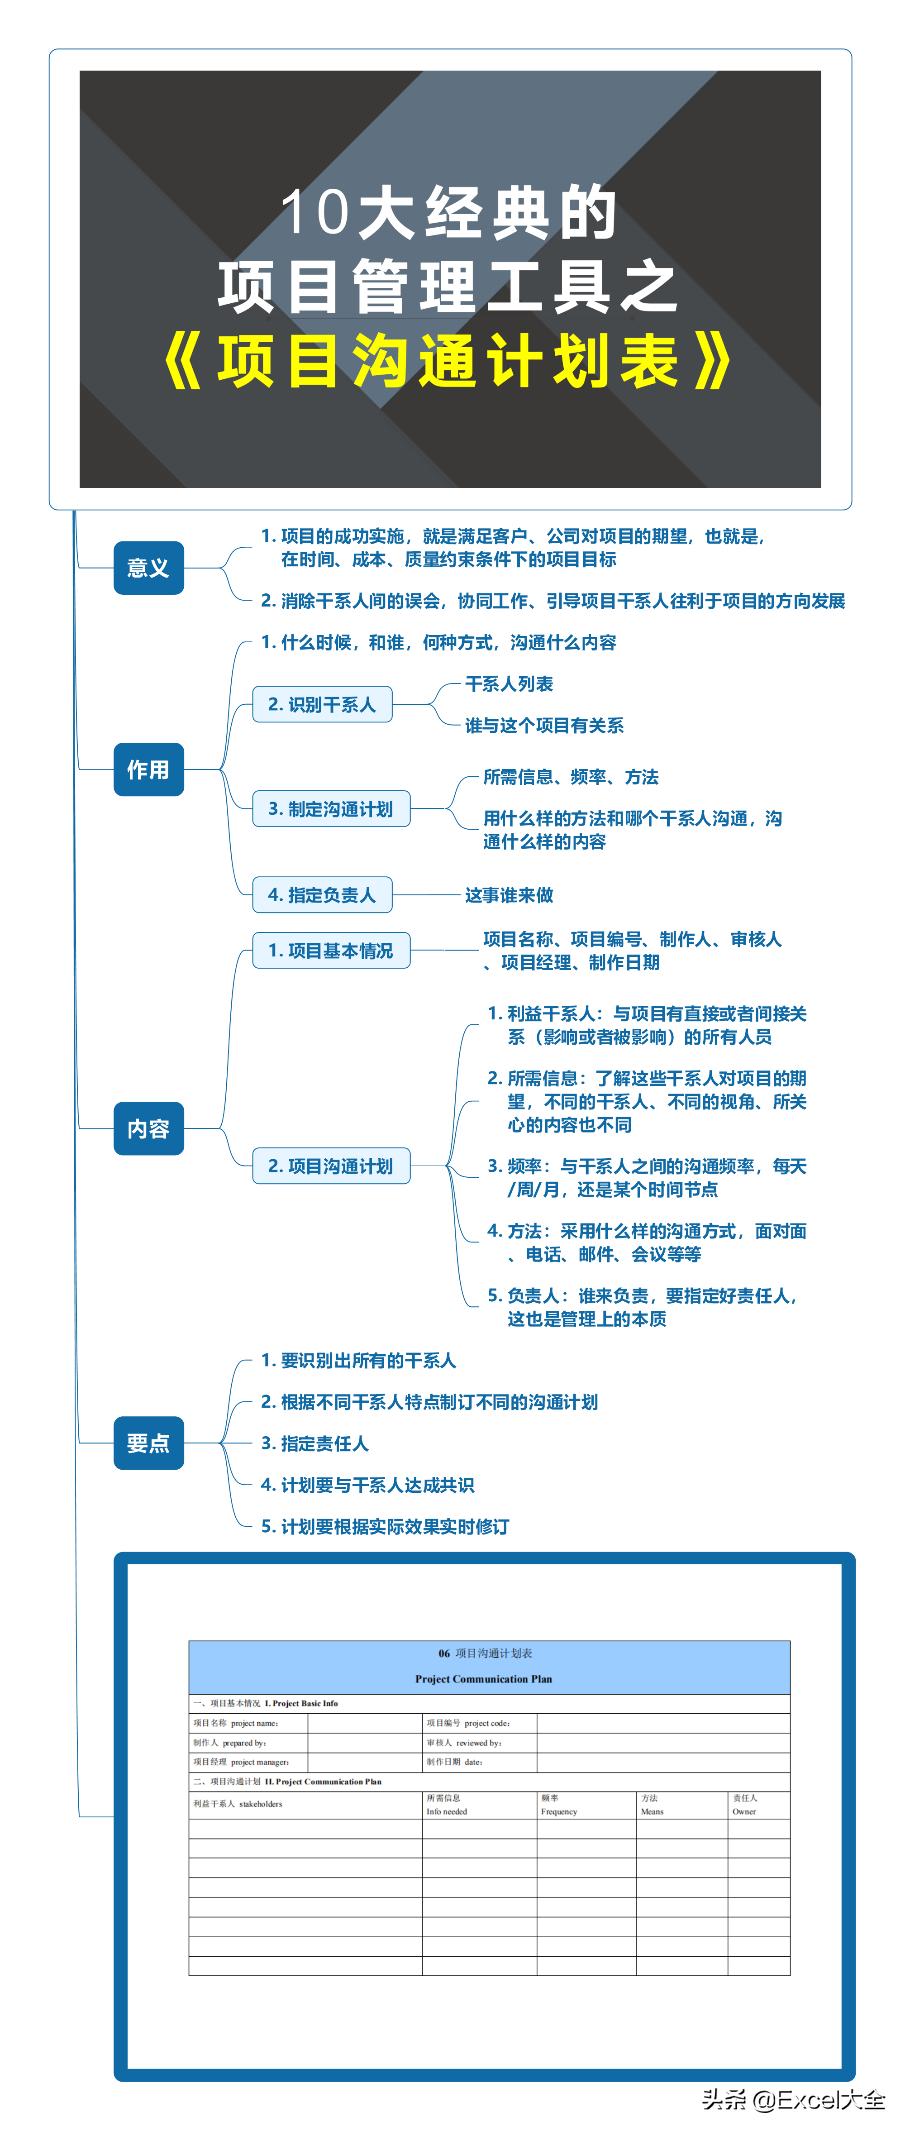 10张导图 10张工具表,浓缩了项目管理的思维方法,经典